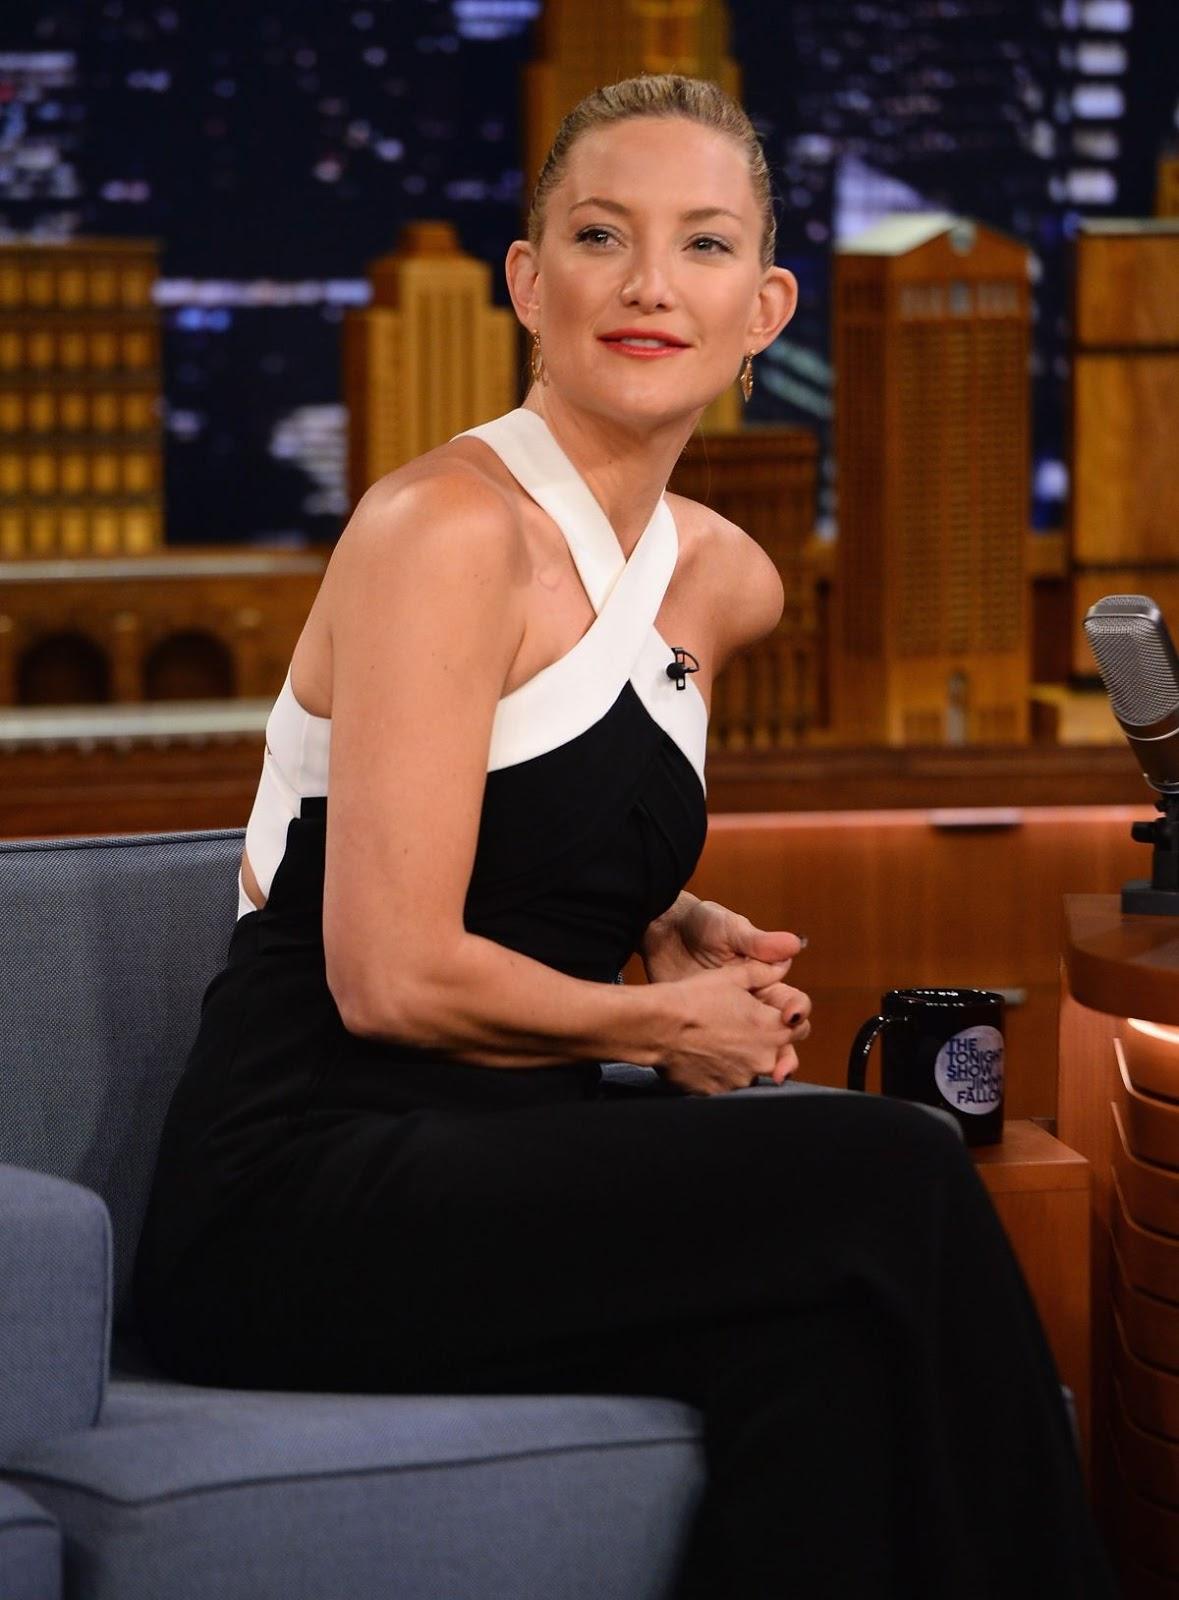 Kate Hudson At Tthe Tonight Show Starring Jimmy Fallon